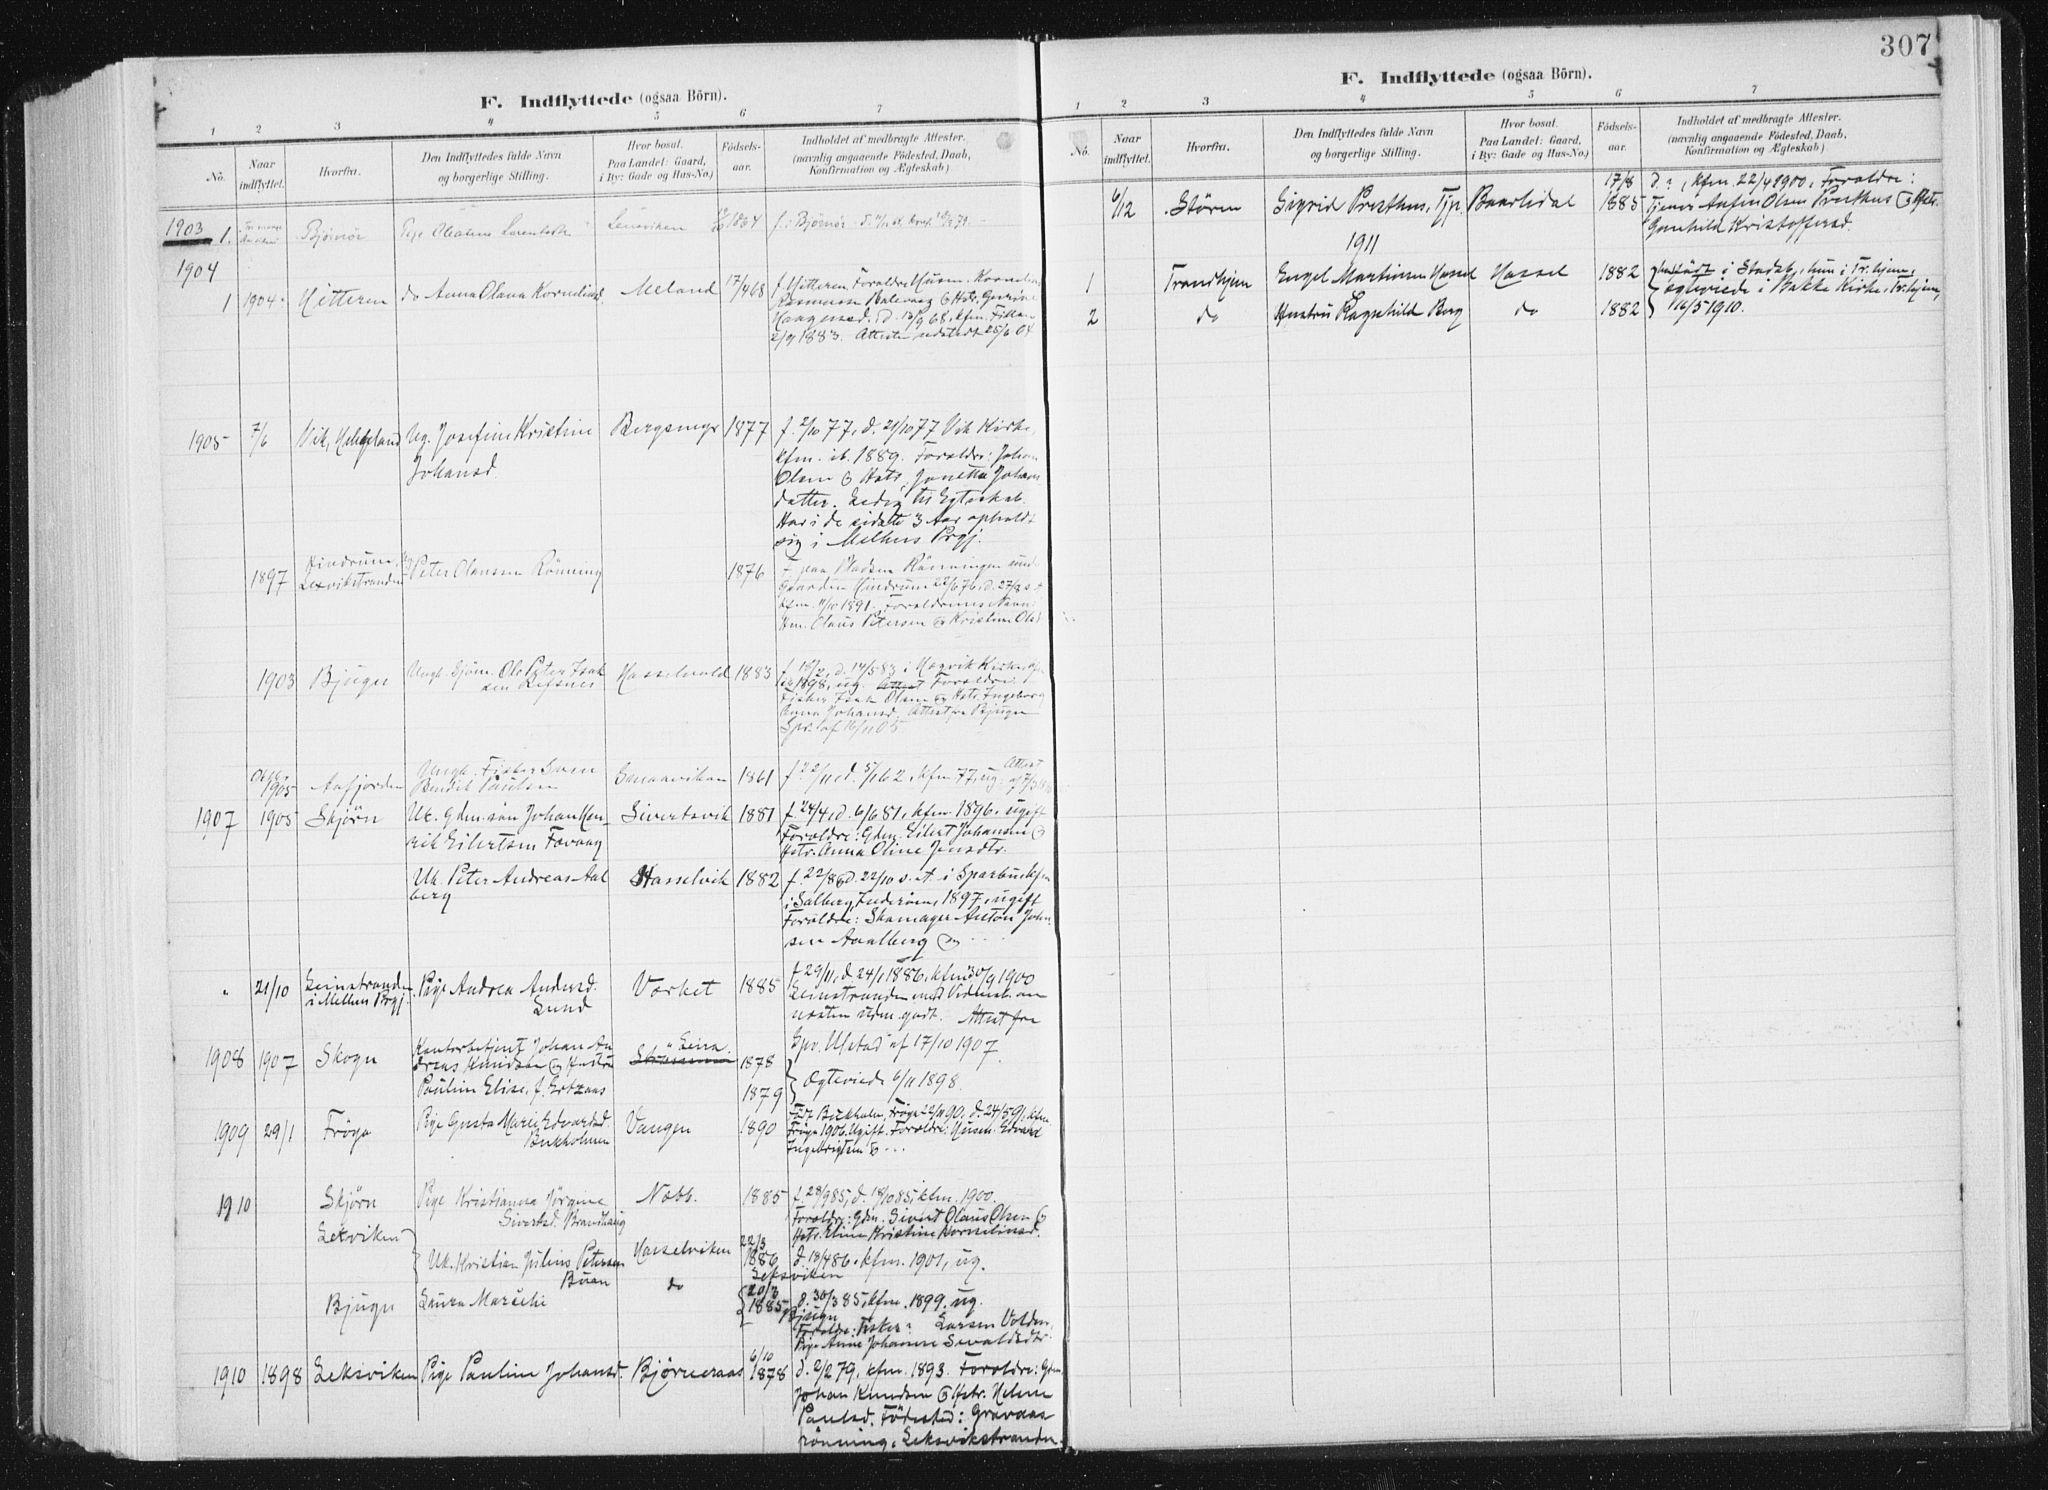 SAT, Ministerialprotokoller, klokkerbøker og fødselsregistre - Sør-Trøndelag, 647/L0635: Ministerialbok nr. 647A02, 1896-1911, s. 307